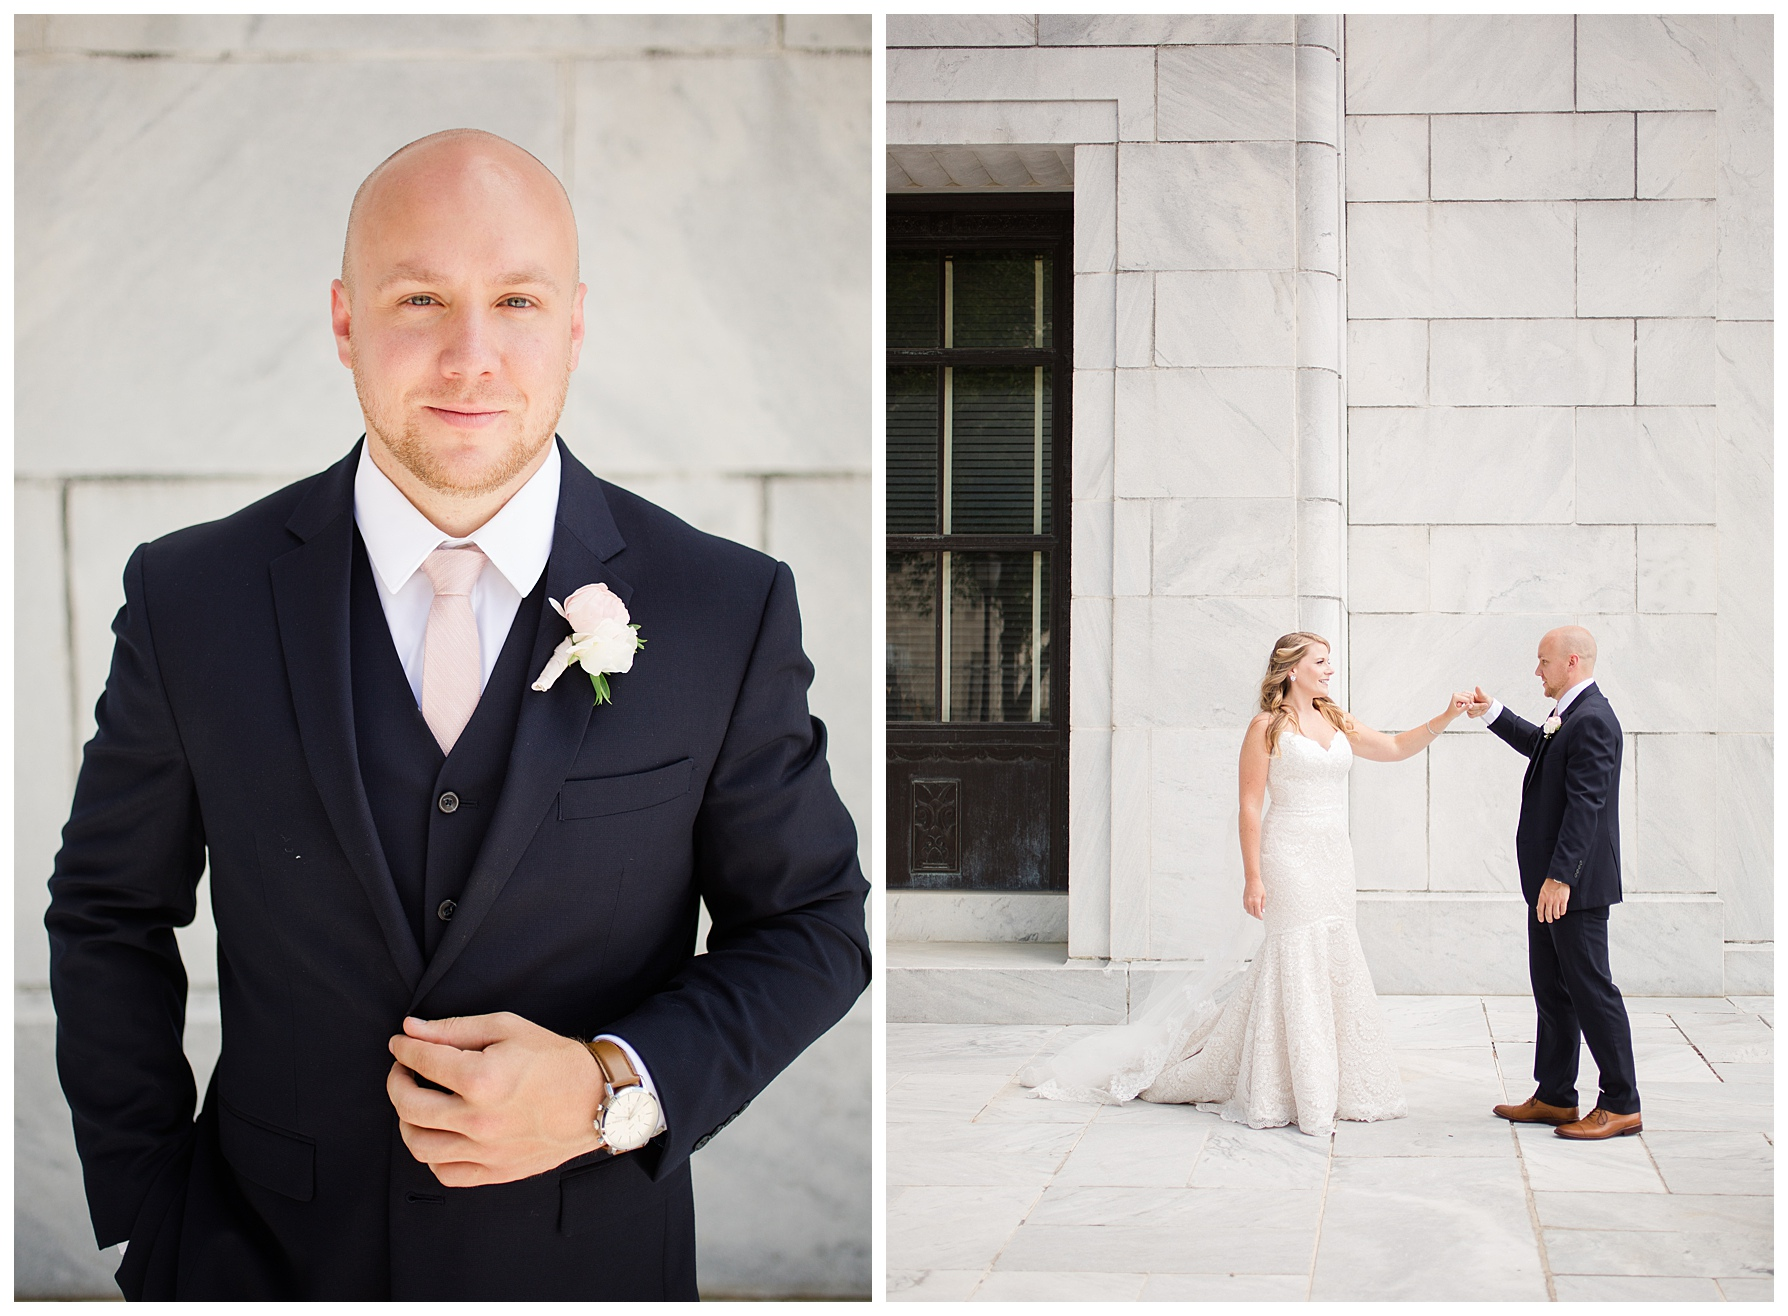 columbus-wedding-portratis-bride-groom_0030.jpg